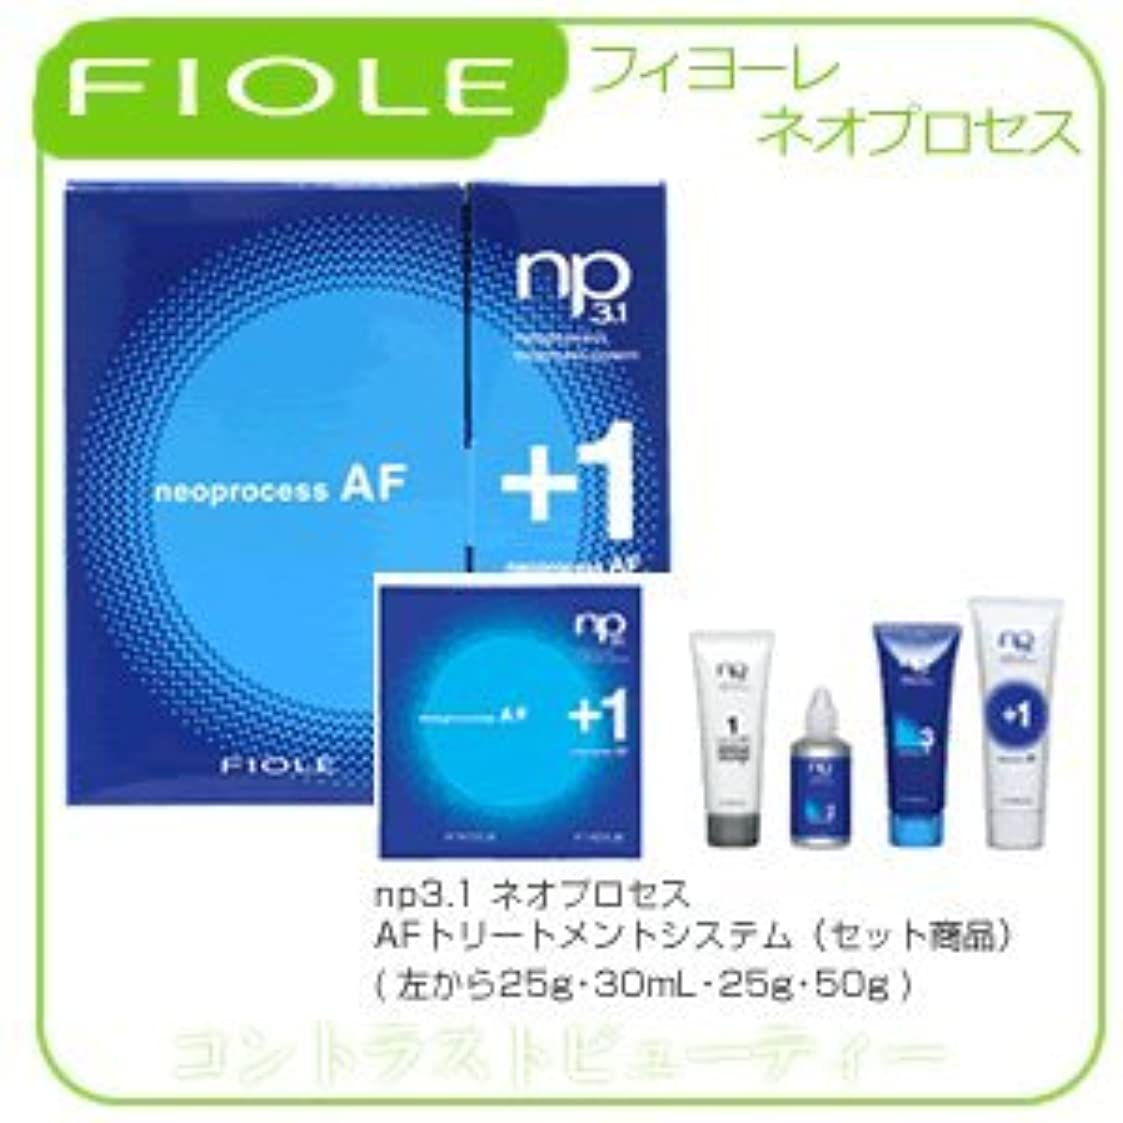 拮抗未払い遡るフィヨーレ NP3.1 ネオプロセス AF トリートメントシステム FIOLE ネオプロセス